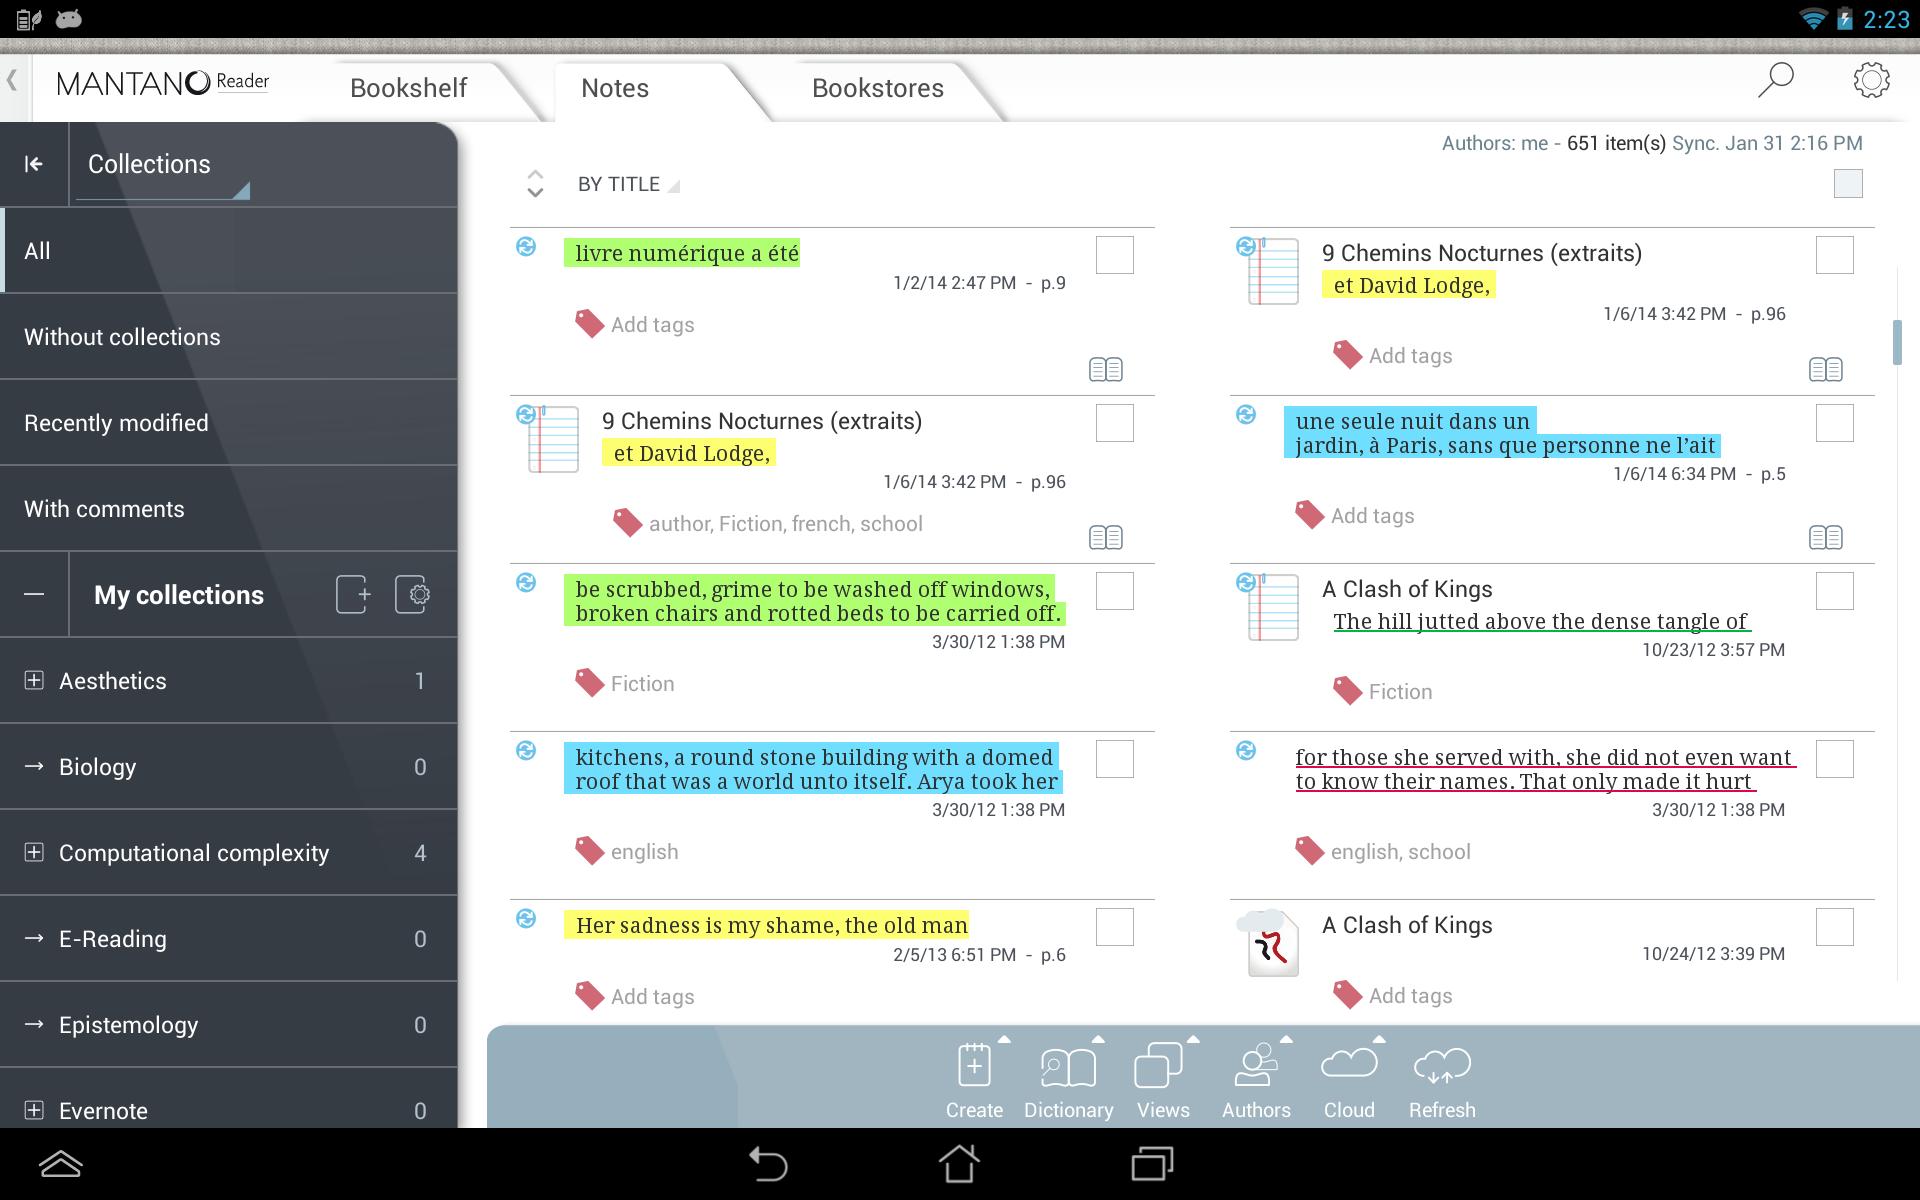 Download free ebook mantano reader